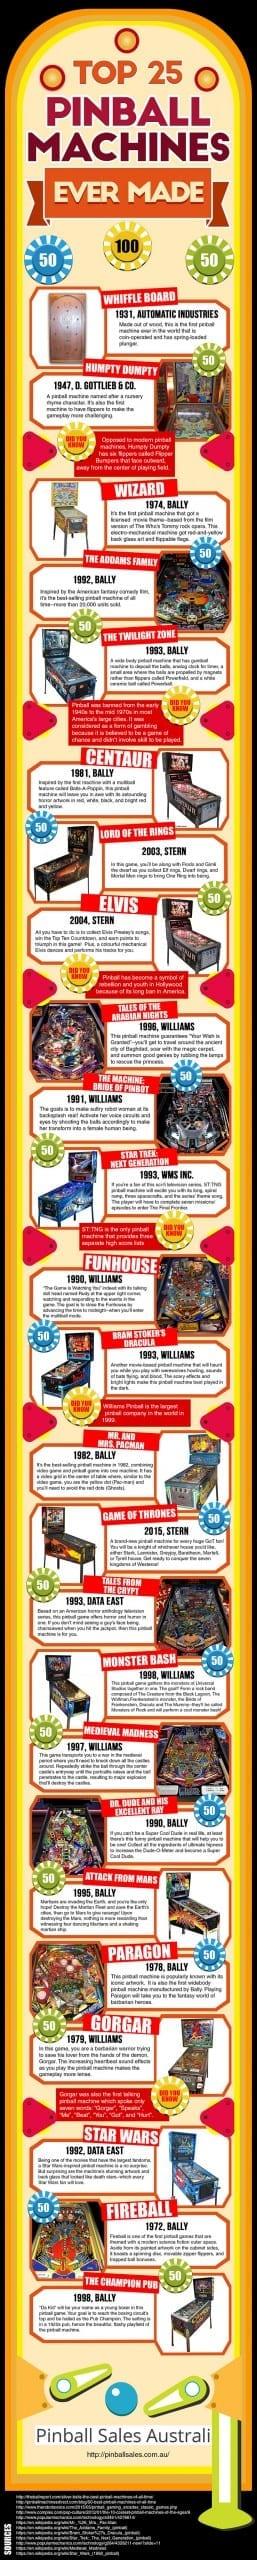 Top 25 Pinball Machine